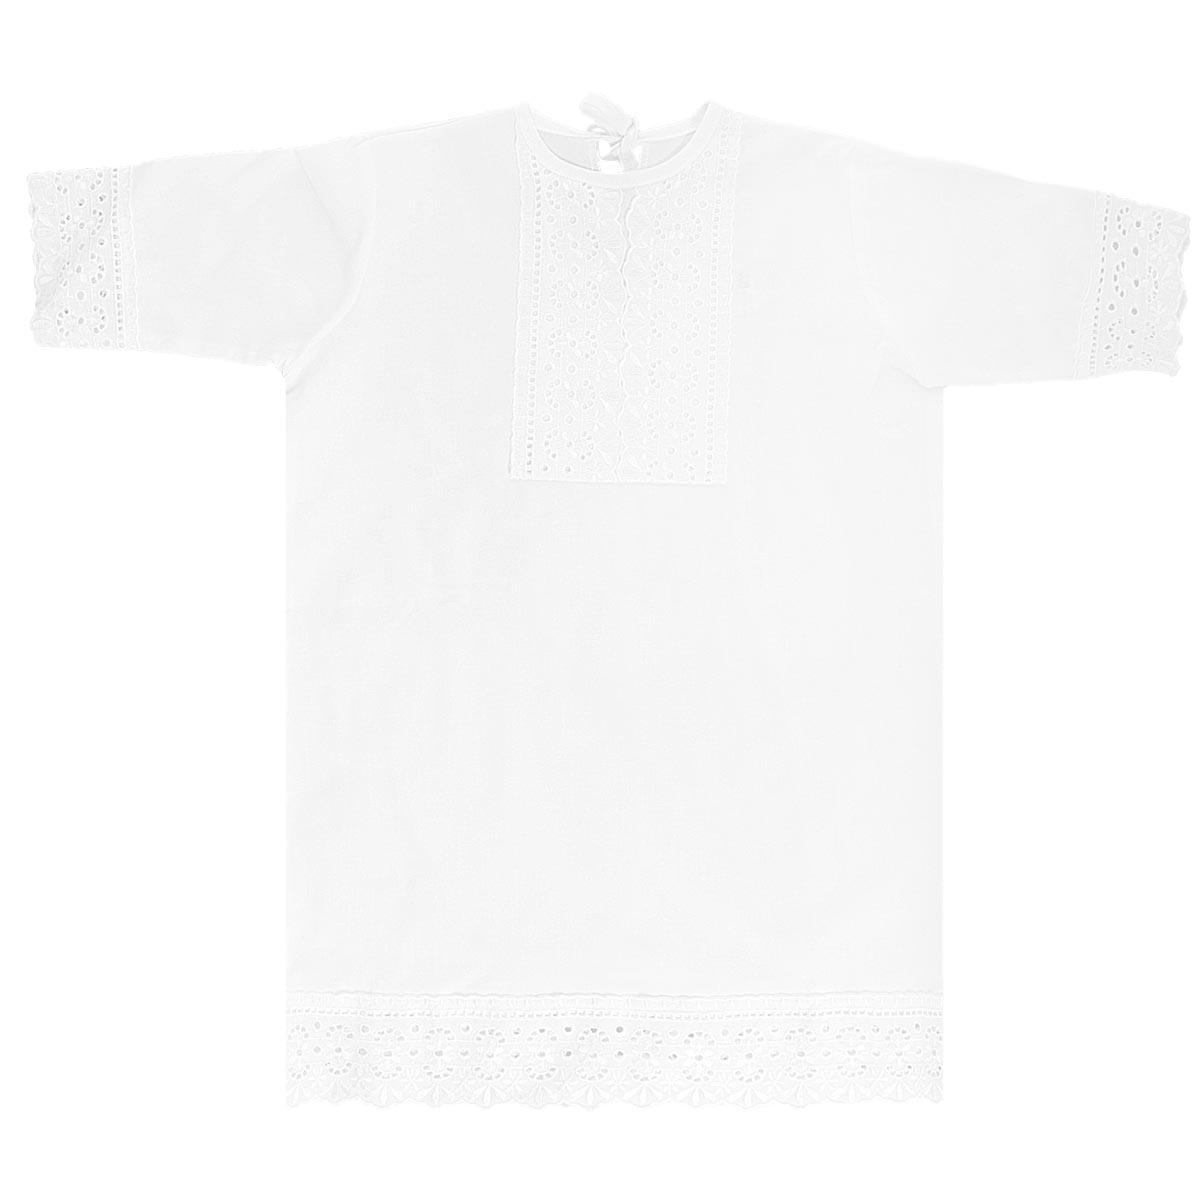 Крестильная рубашка для мальчика Трон-плюс, цвет: белый. 1126. Размер 68, 6 месяцев1126Крестильная рубашка для девочки Трон-плюс, выполненная из натурального хлопка, идеально подойдет для крещения вашего малыша. Рубашка необычайно мягкая и приятная на ощупь, не сковывает движения и позволяет коже дышать, не раздражает нежную кожу ребенка, обеспечивая ему наибольший комфорт. Рубашка трапециевидной формы с длинными рукавами имеет две завязки на спинке, которые помогают с легкостью переодеть малыша. Низ рукавов и низ изделия и полочка украшены очаровательными ажурными узорами и петельками.Благодаря такой рубашке ваш малыш не замерзнет, и будет выглядеть нарядно.